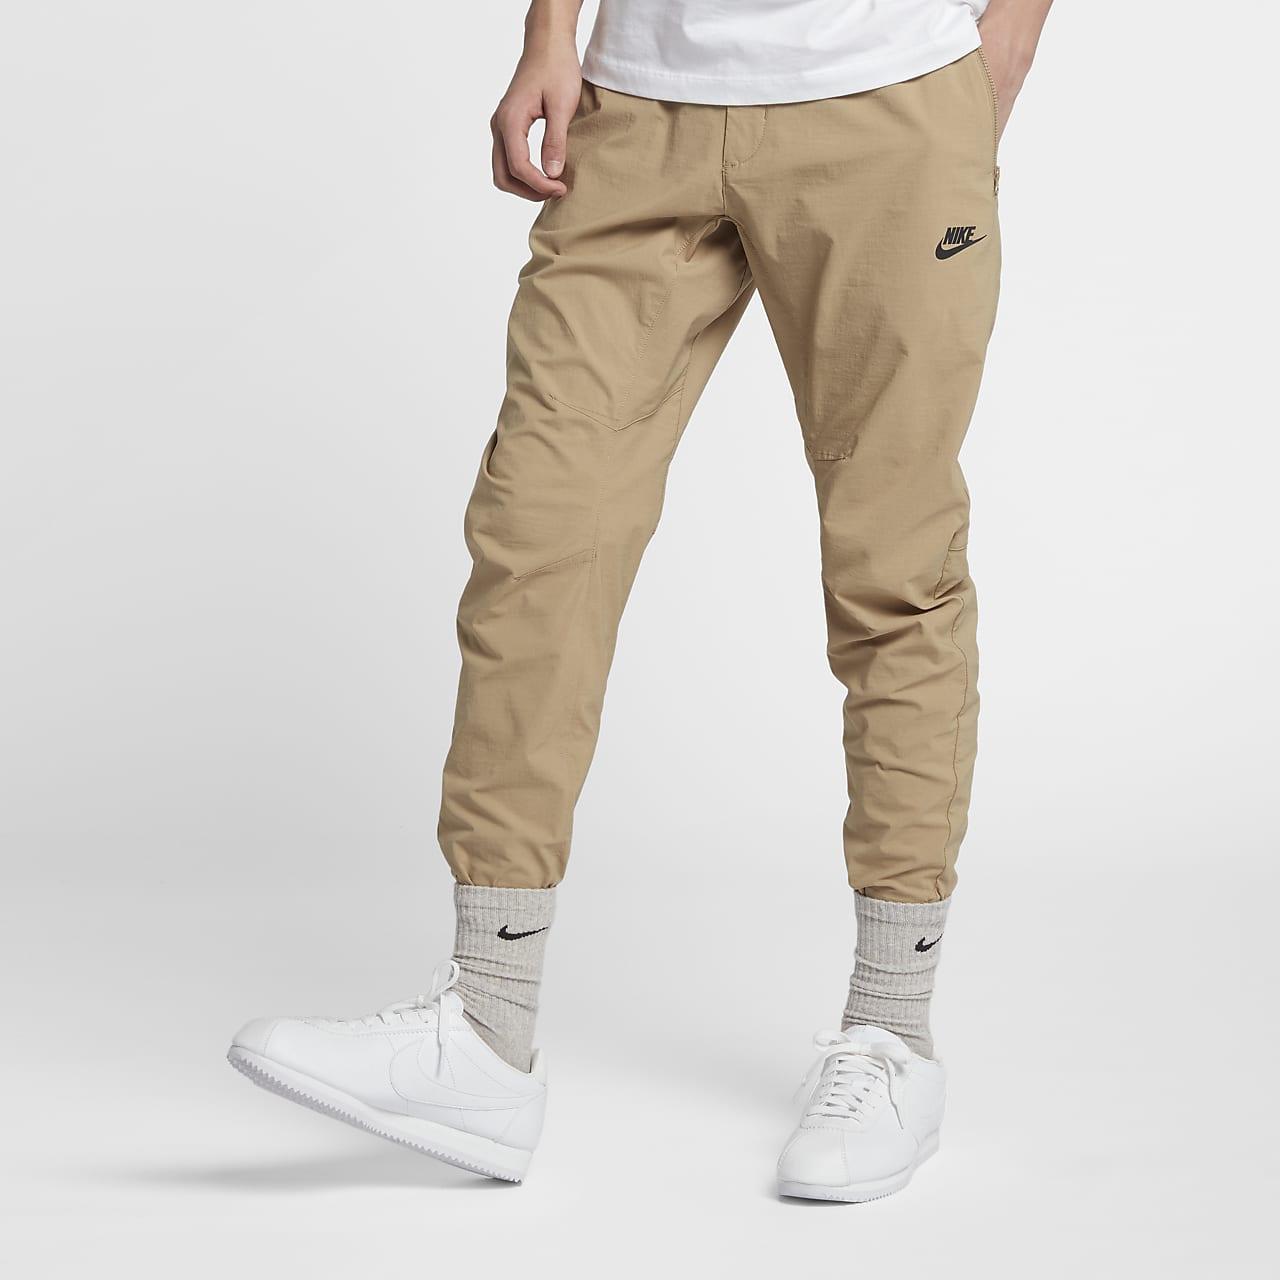 Nike Sportswear Men's Woven Pants